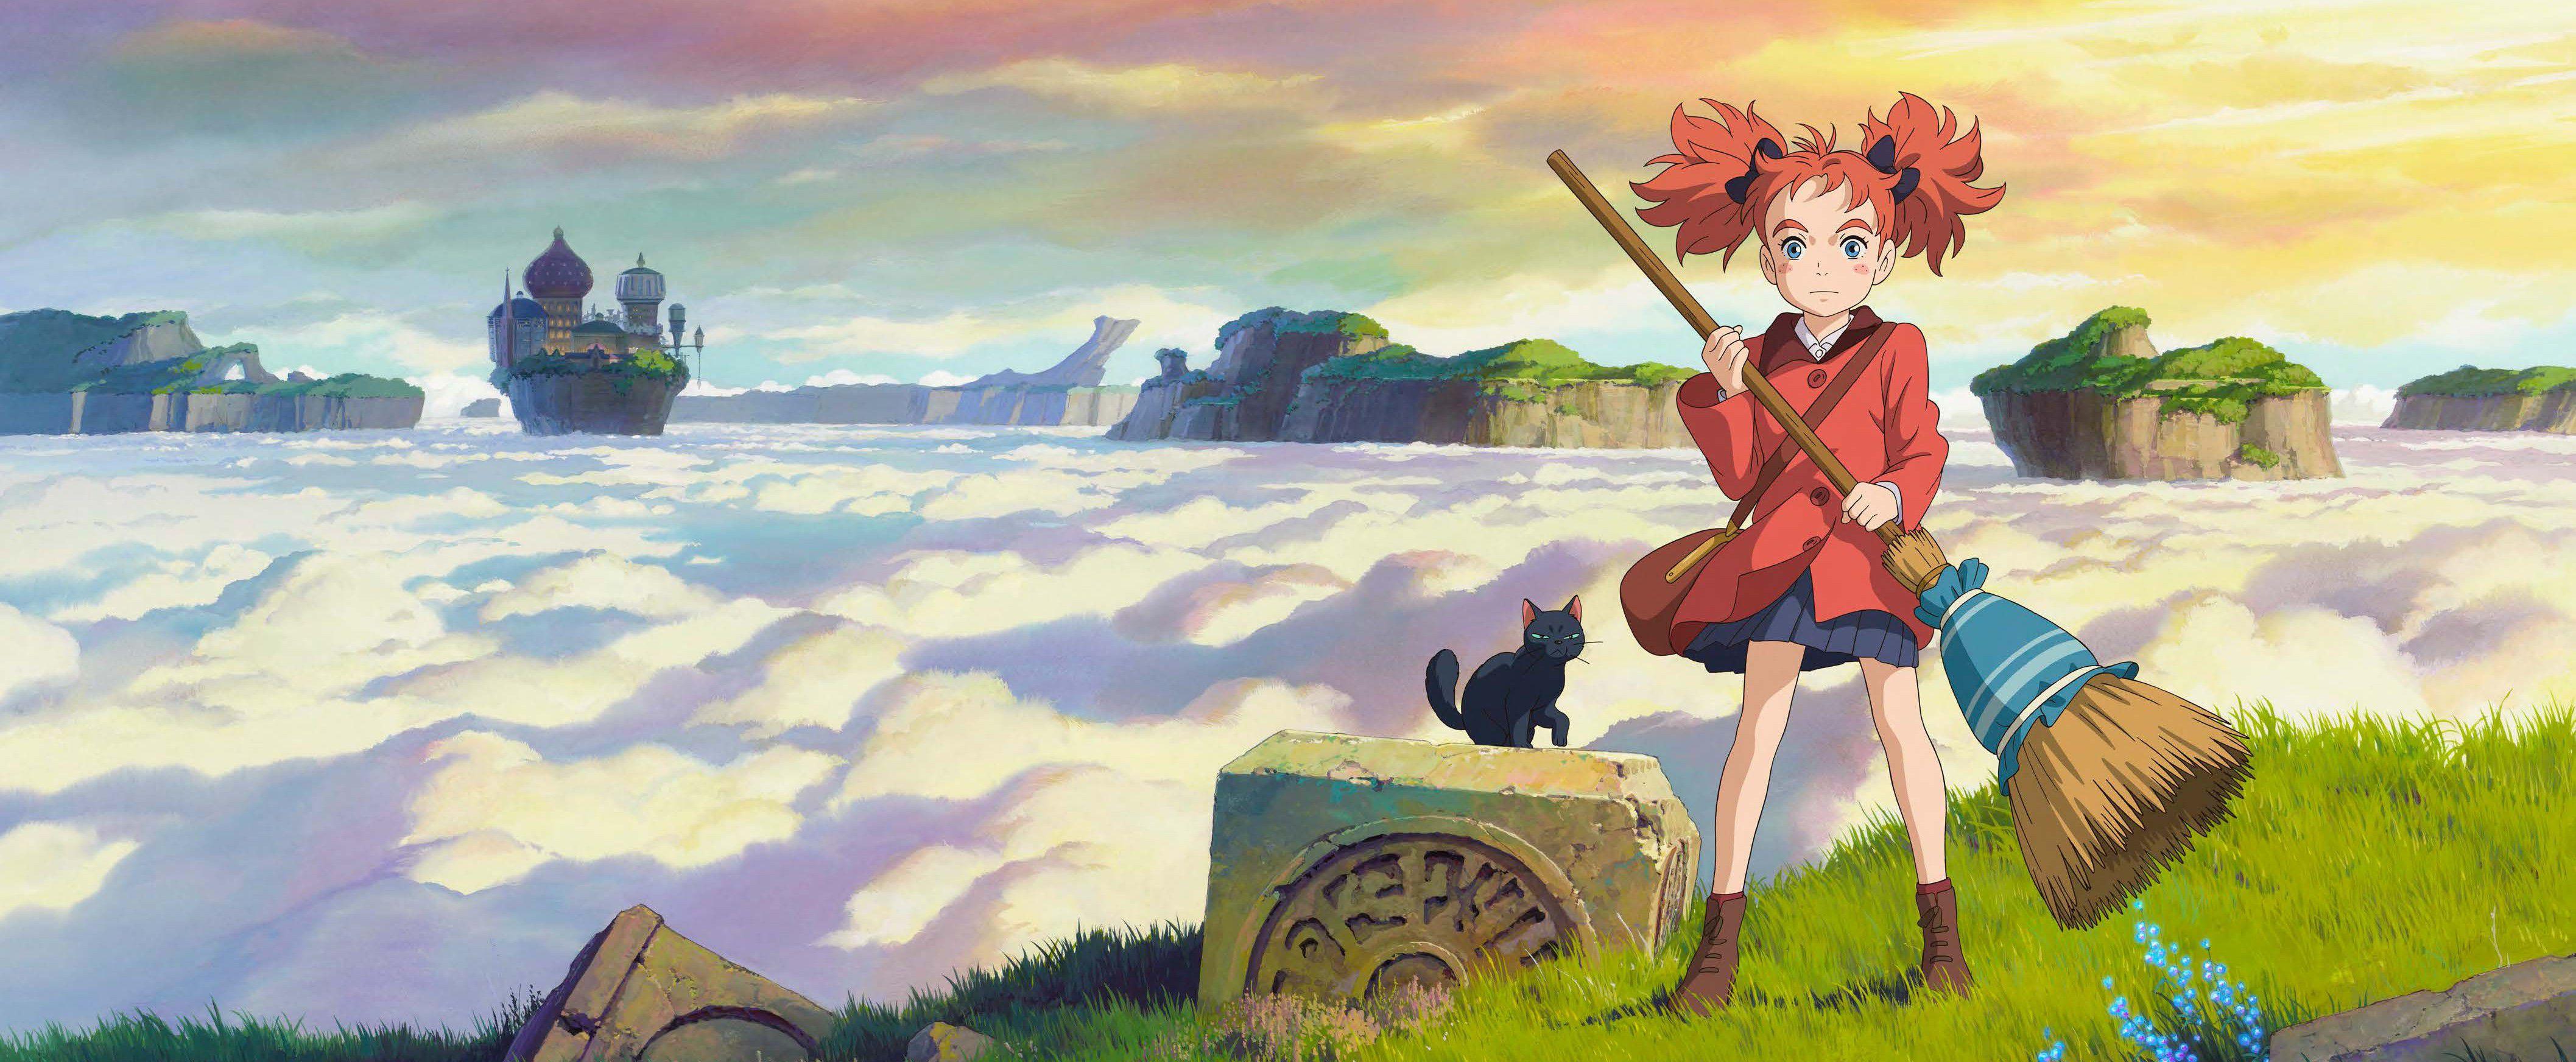 Top 10 phim hoạt hình anime Nhật Bản hay nhất 2017 không thể bỏ lỡ (2)